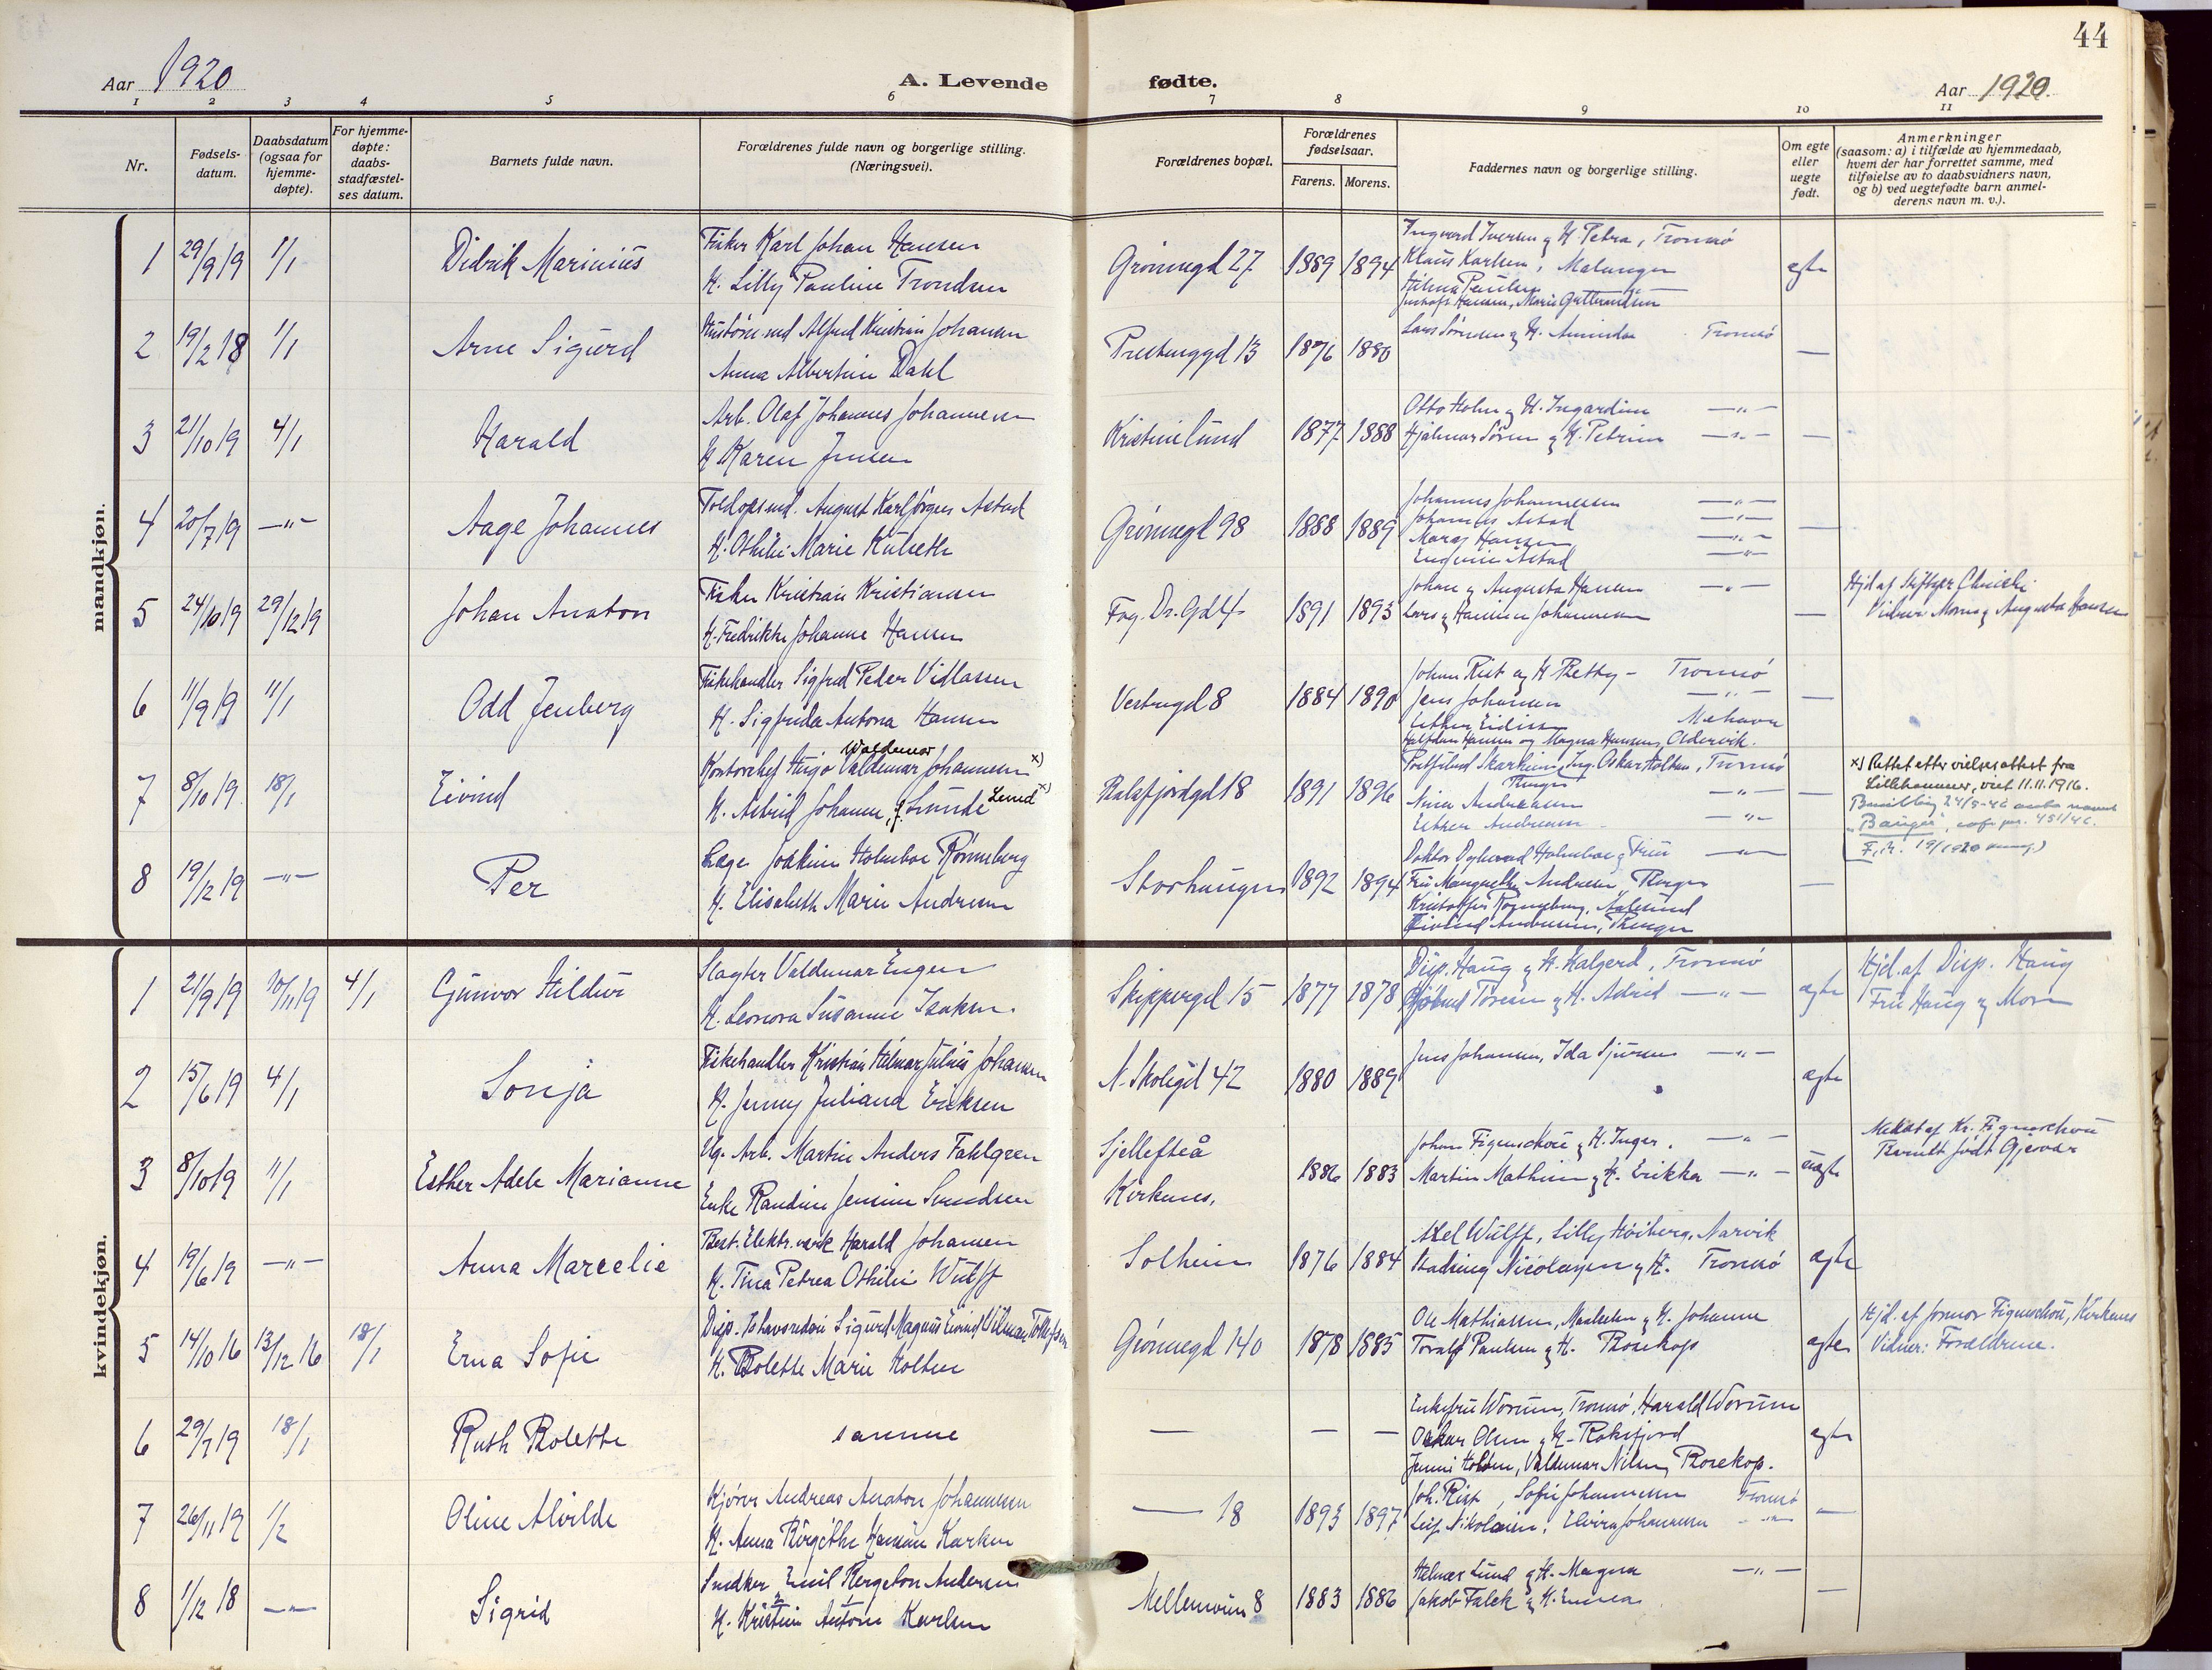 SATØ, Tromsø sokneprestkontor/stiftsprosti/domprosti, G/Ga/L0019kirke: Ministerialbok nr. 19, 1917-1927, s. 44